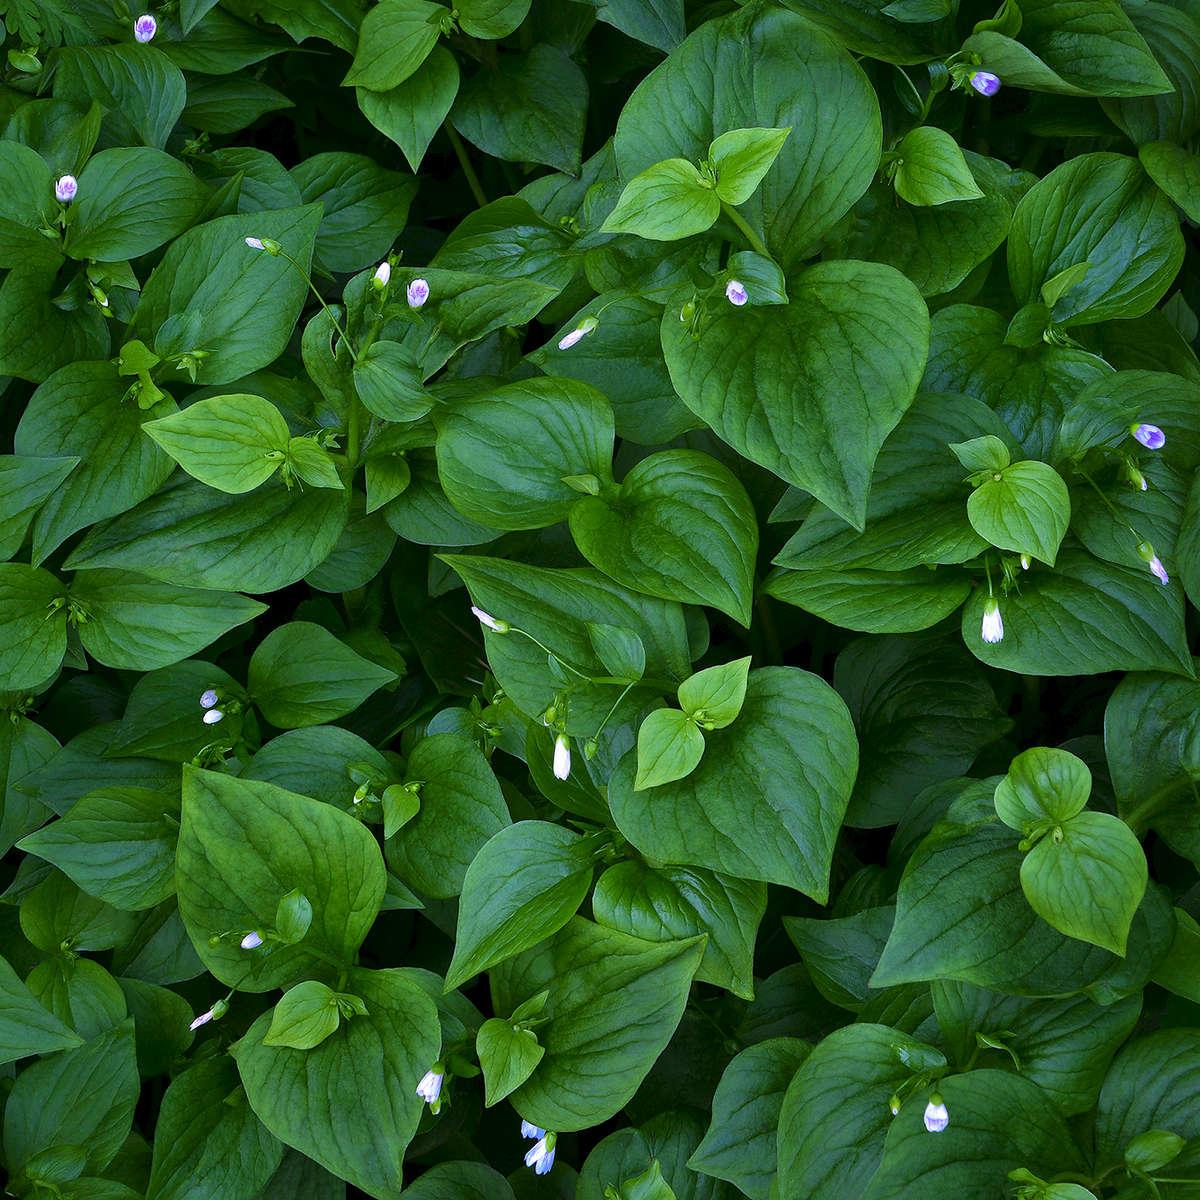 Brunnera-Macrophylla-_false-forget-me-not_-for-web